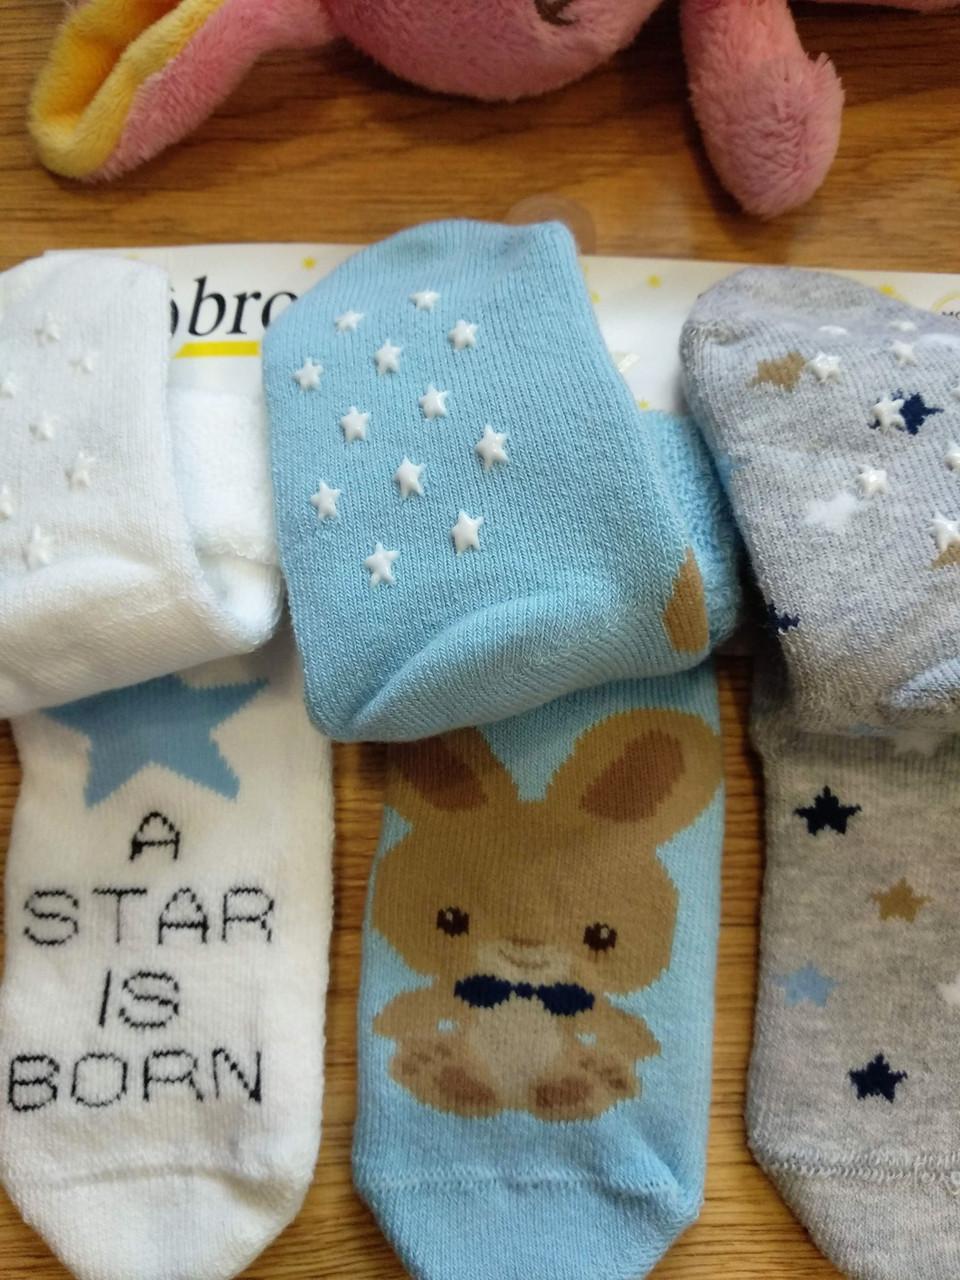 087174551a798 Теплые детские носки с тормозками Bross (размеры 16-18, 19-21 ...